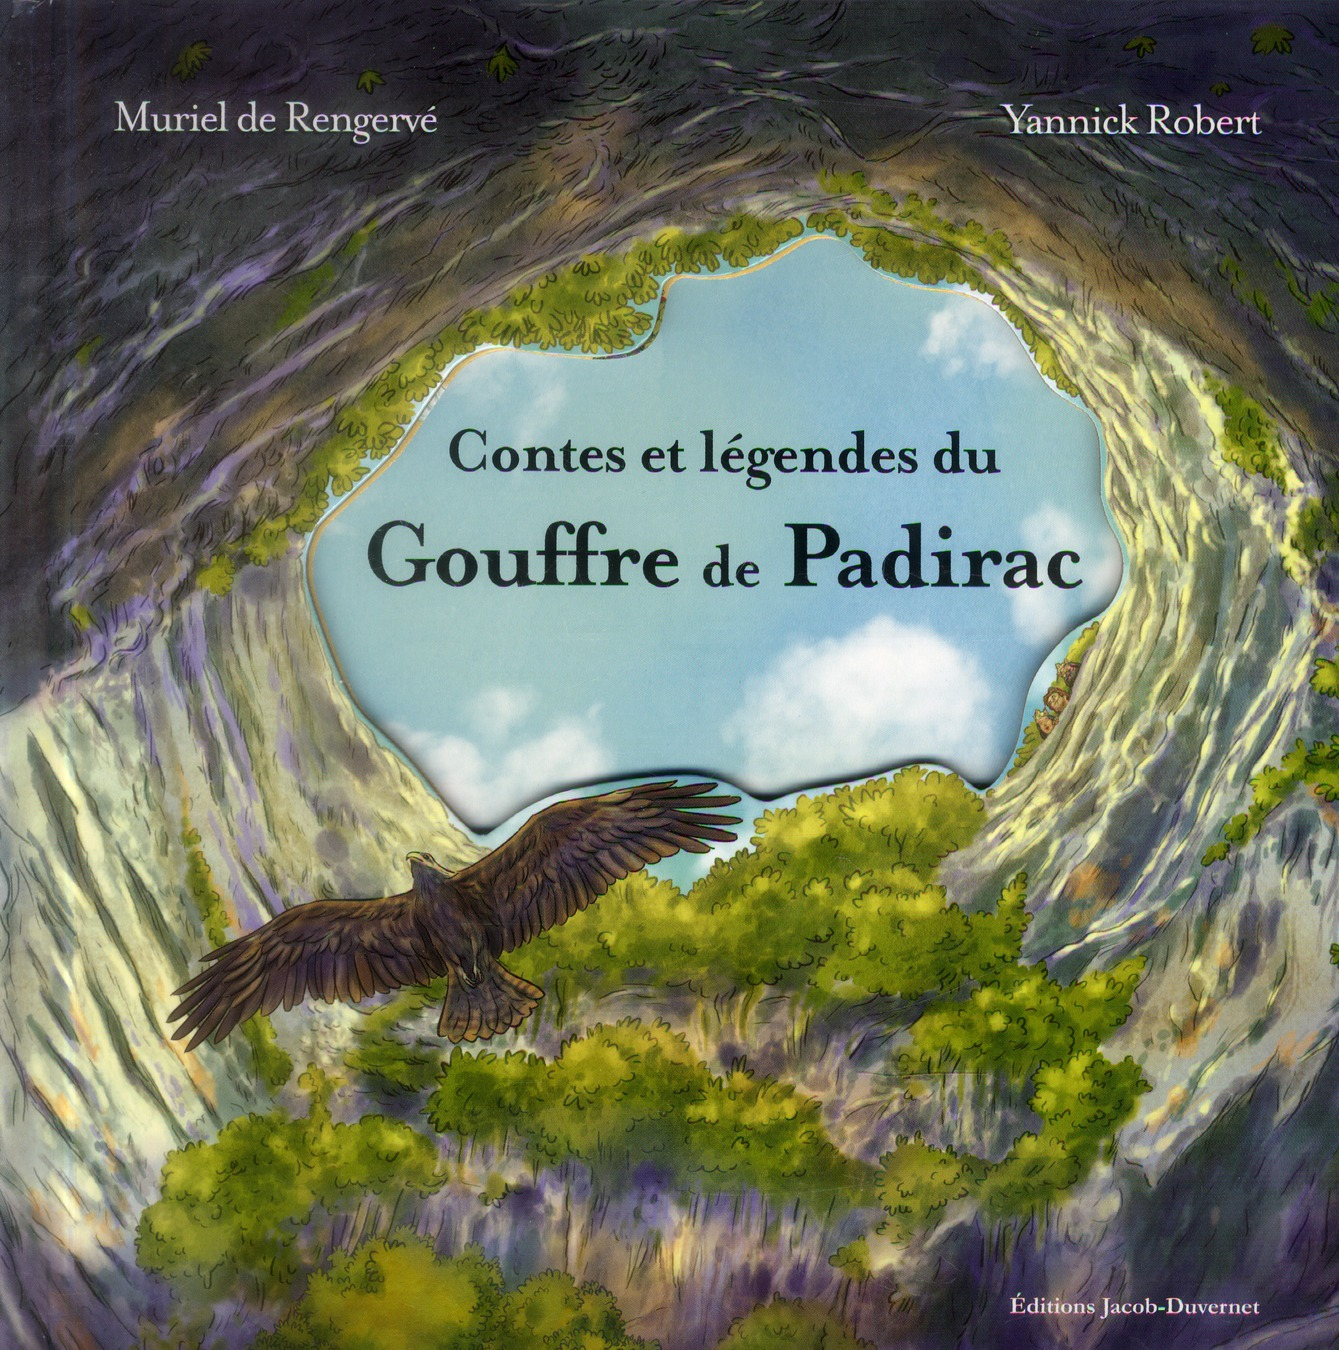 Contes et légendes du gouffre de Padirac